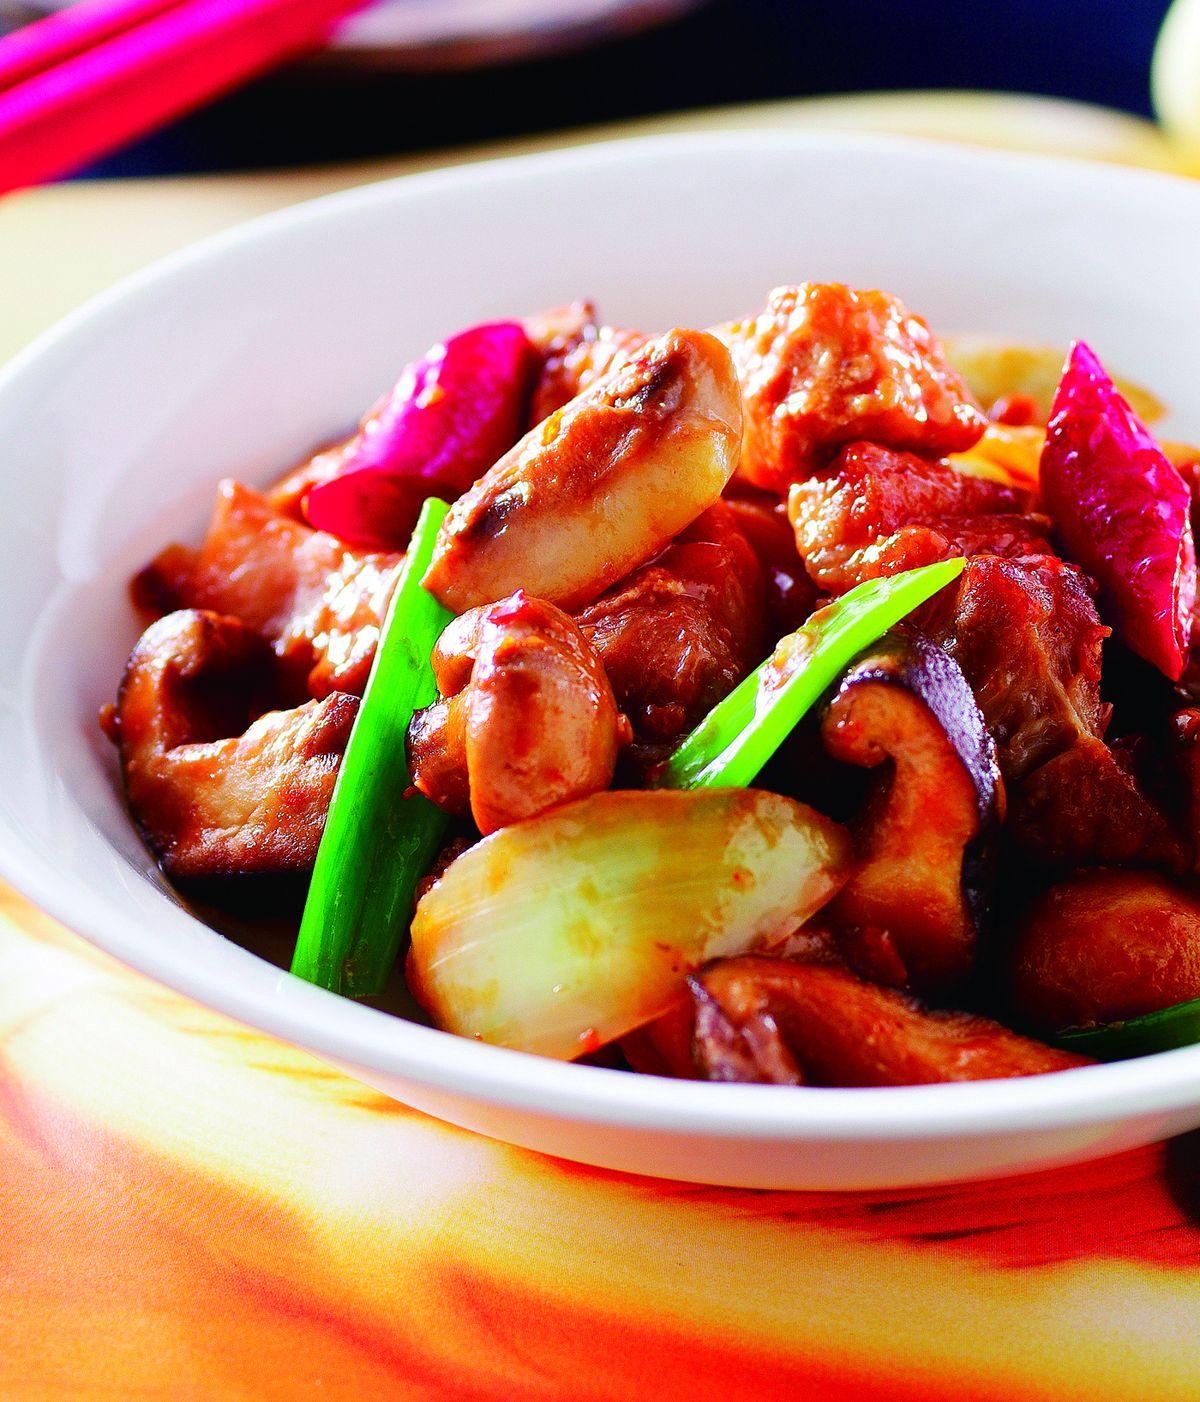 食譜:腐乳蘑菇煲